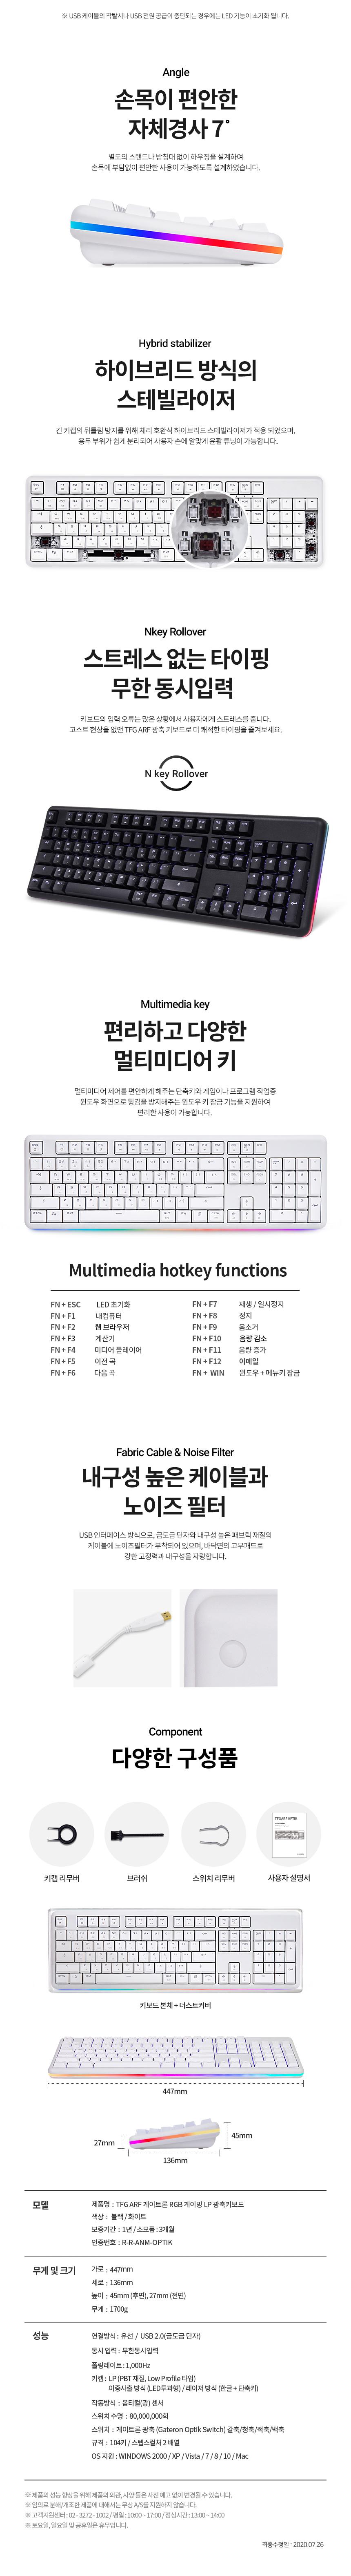 한성컴퓨터 TFG ARF 게이트론 RGB 게이밍 LP 광축키보드 (화이트, 청축)